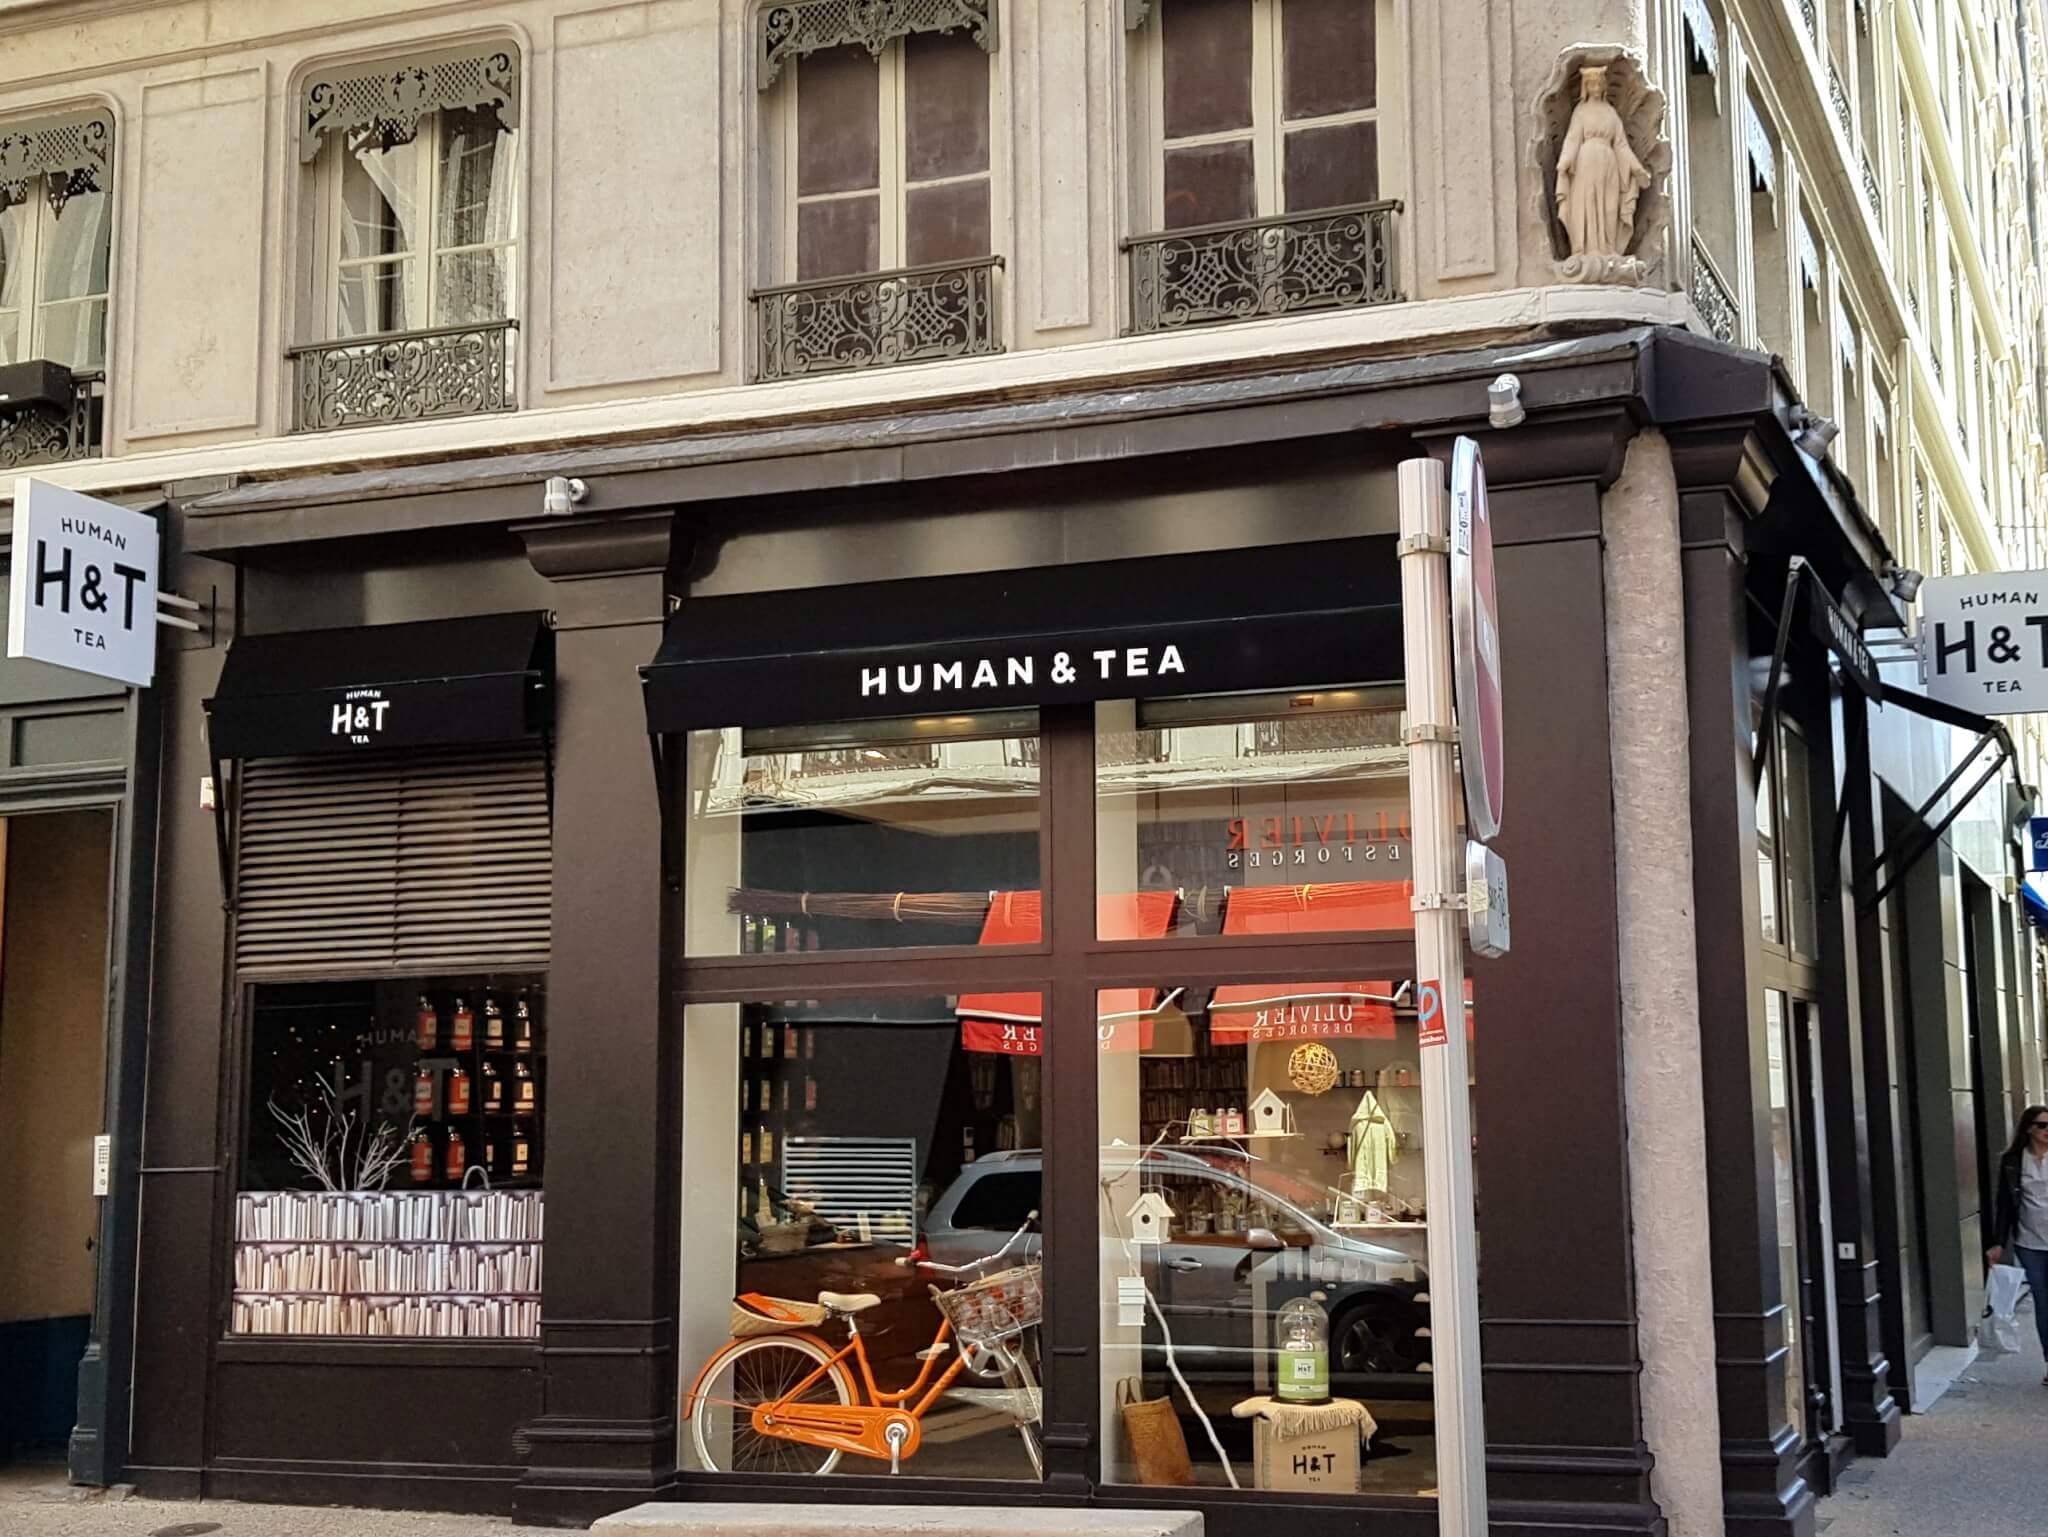 Enseignes Drapeau éclairage led et décoration de vitrine adhésive pour  Human Tea (Lyon 69002) be3c877d59f8